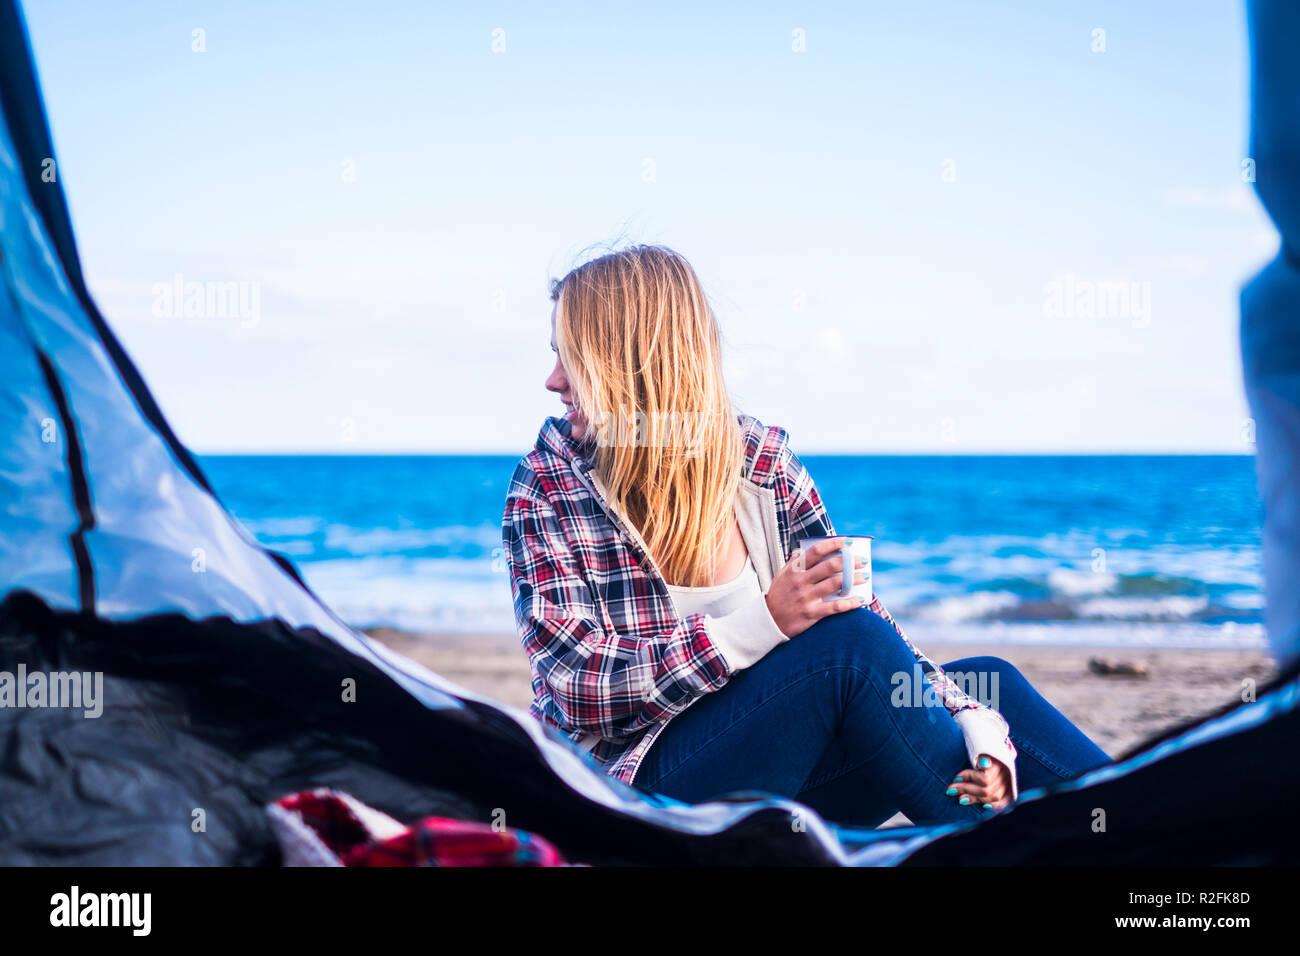 Alternativas de vida y concepto de vacaciones lindo rubia chica sentarse mirando el océano en la puerta de su tienda. Tenerife locetion. Imagen De Stock